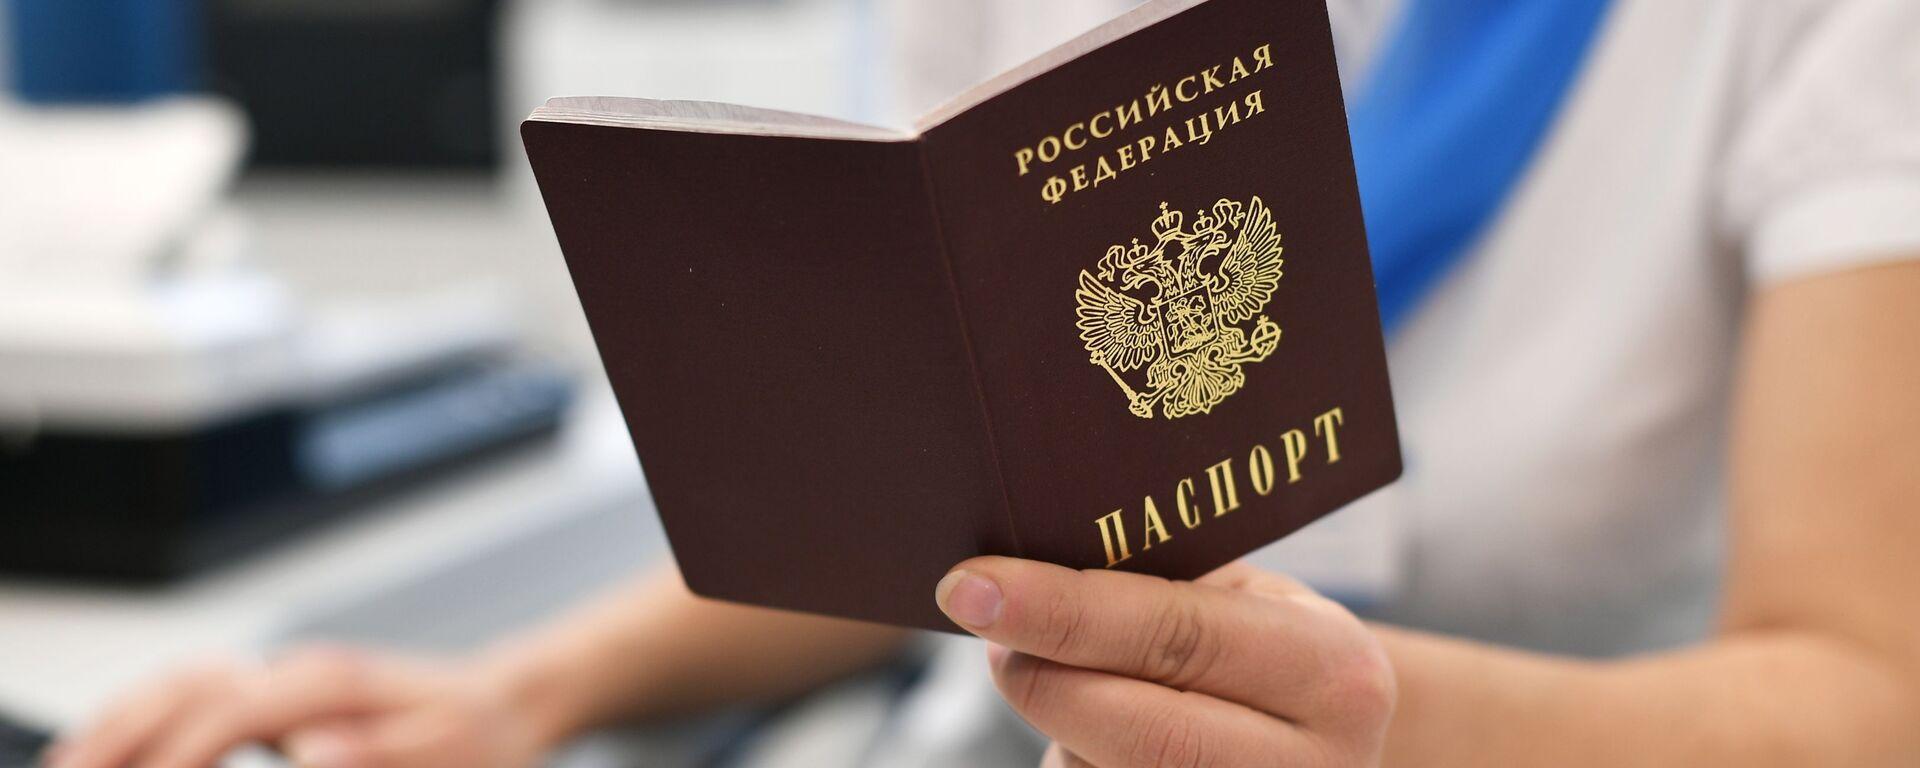 Пасош Руске Федерације - Sputnik Србија, 1920, 20.07.2021